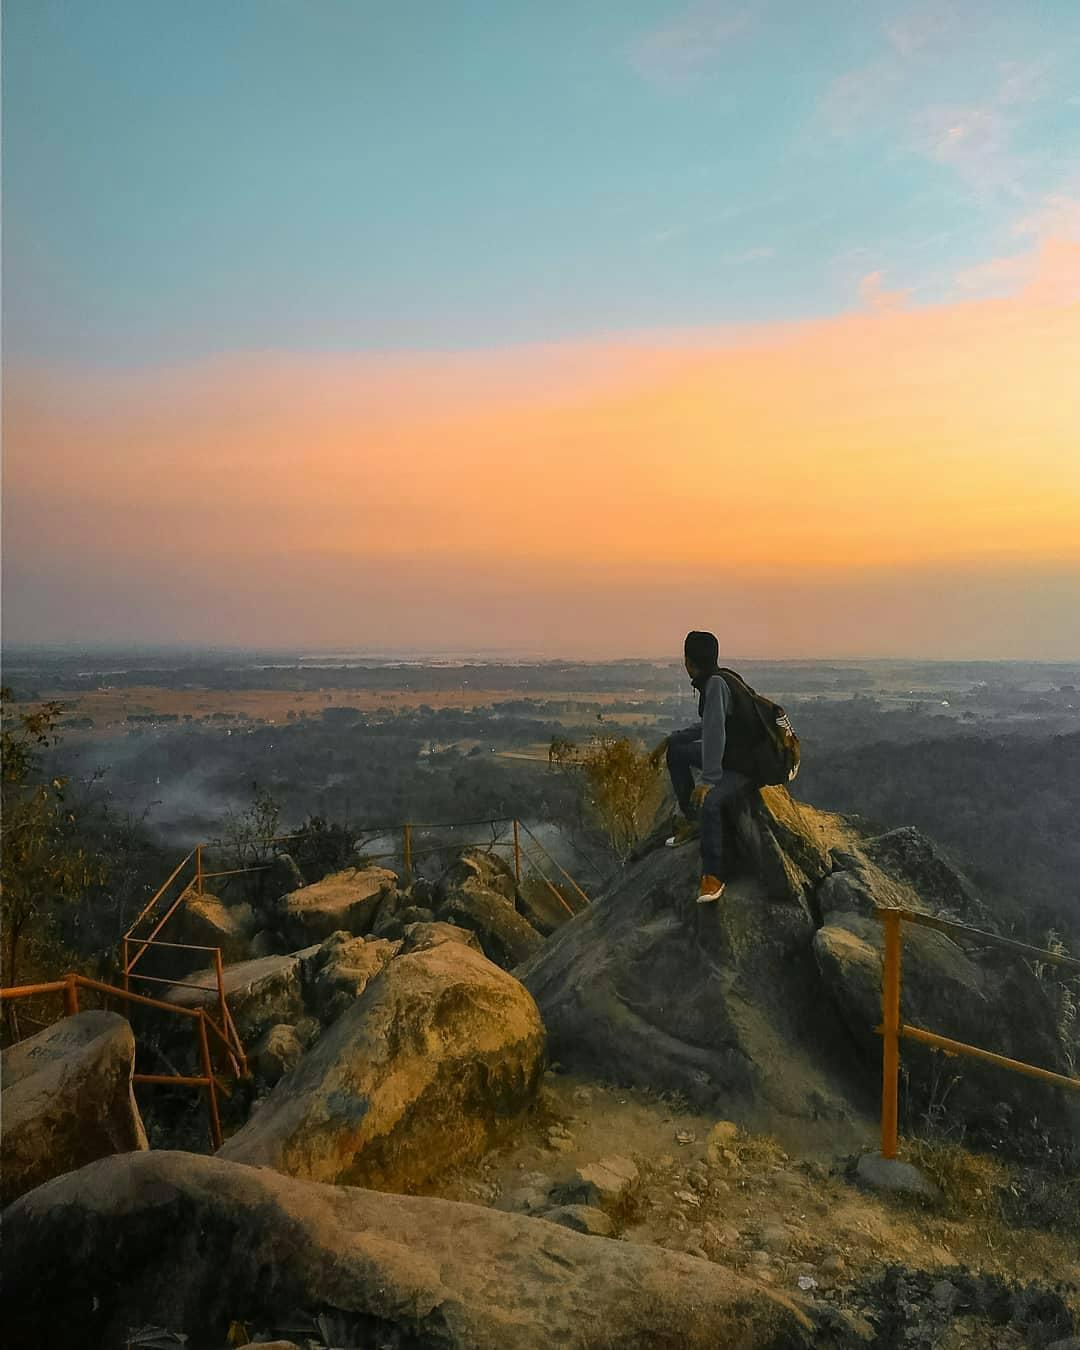 panorama sunset di cadas gantung majalengka kuningan